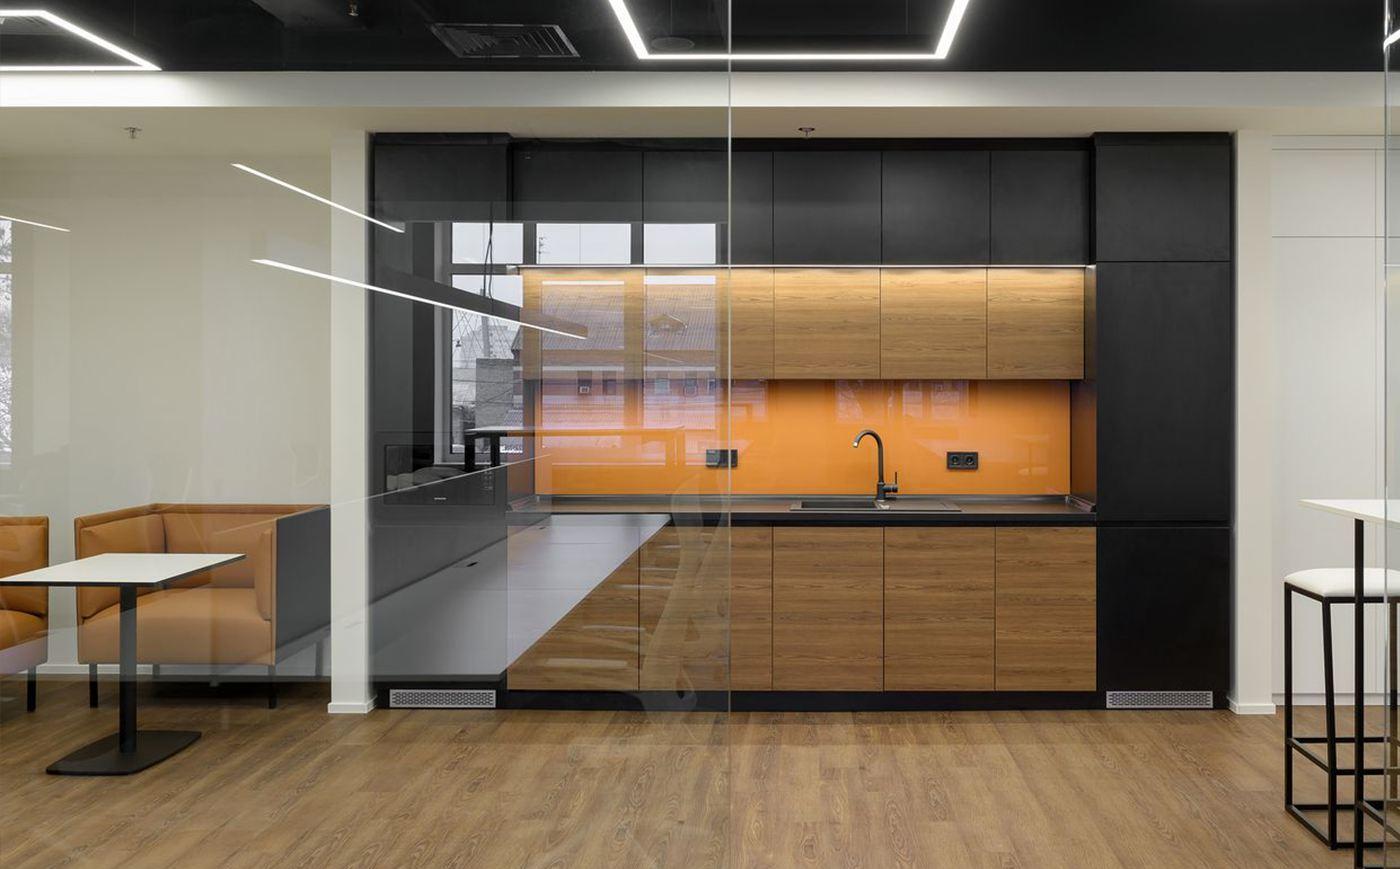 лед-подсветка ключевой элемент офисной кухни